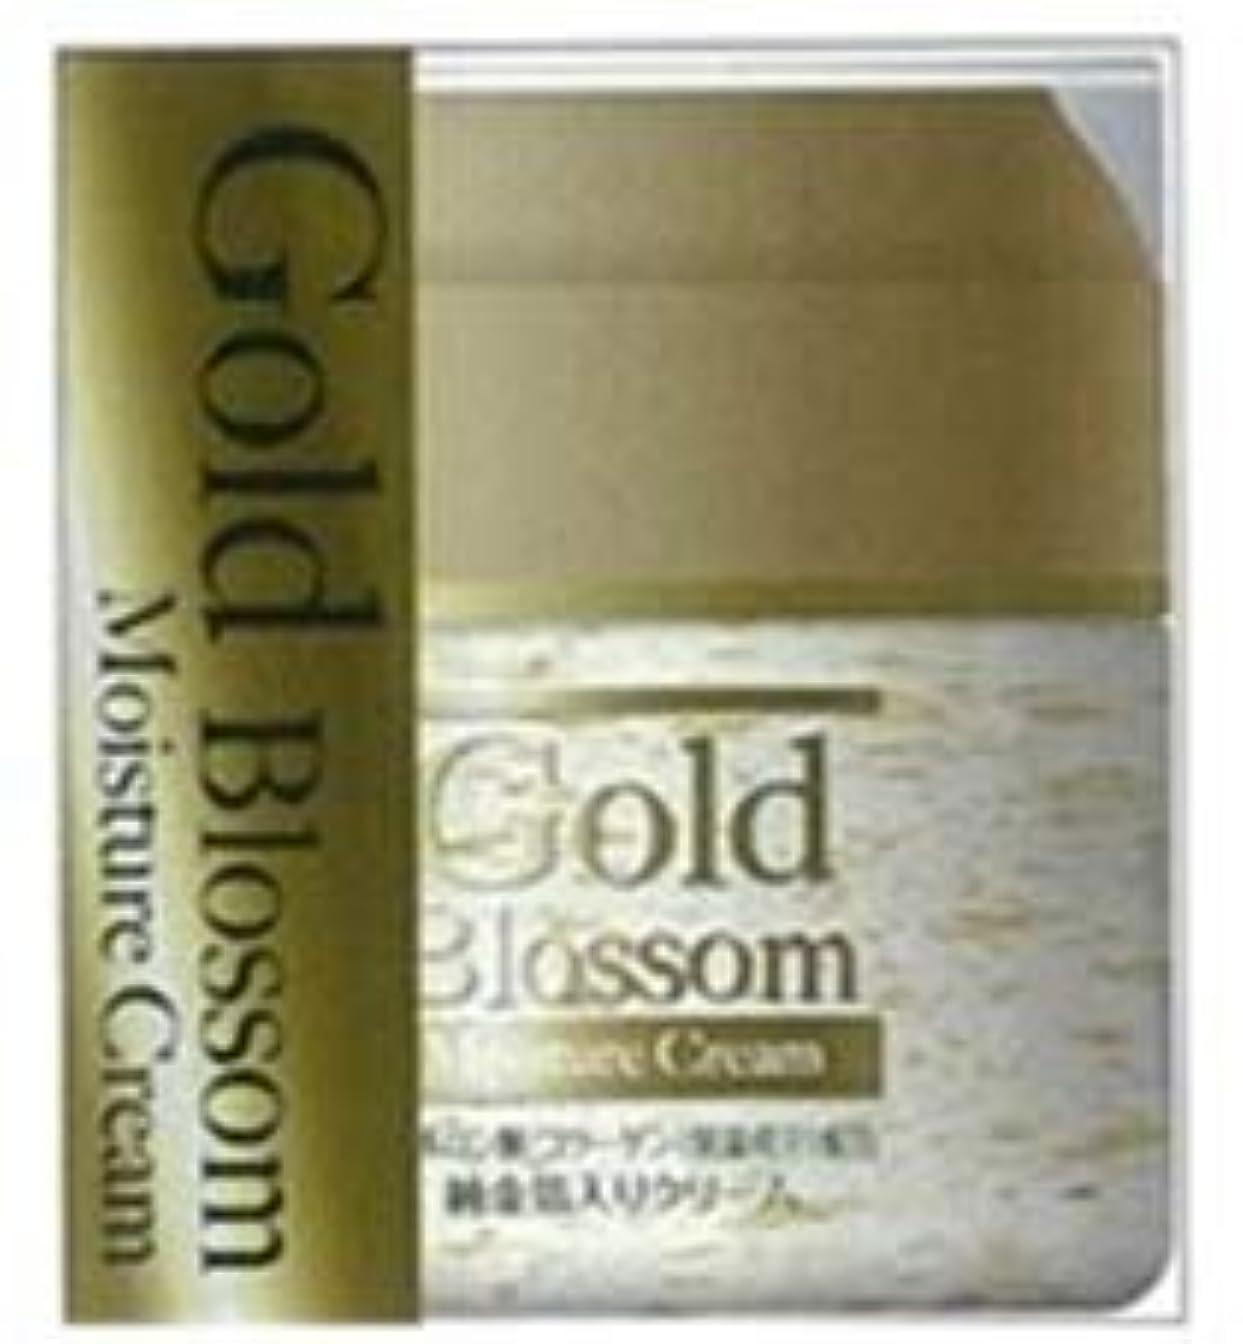 シットコムロンドンリアルGold Blossom 保湿クリーム